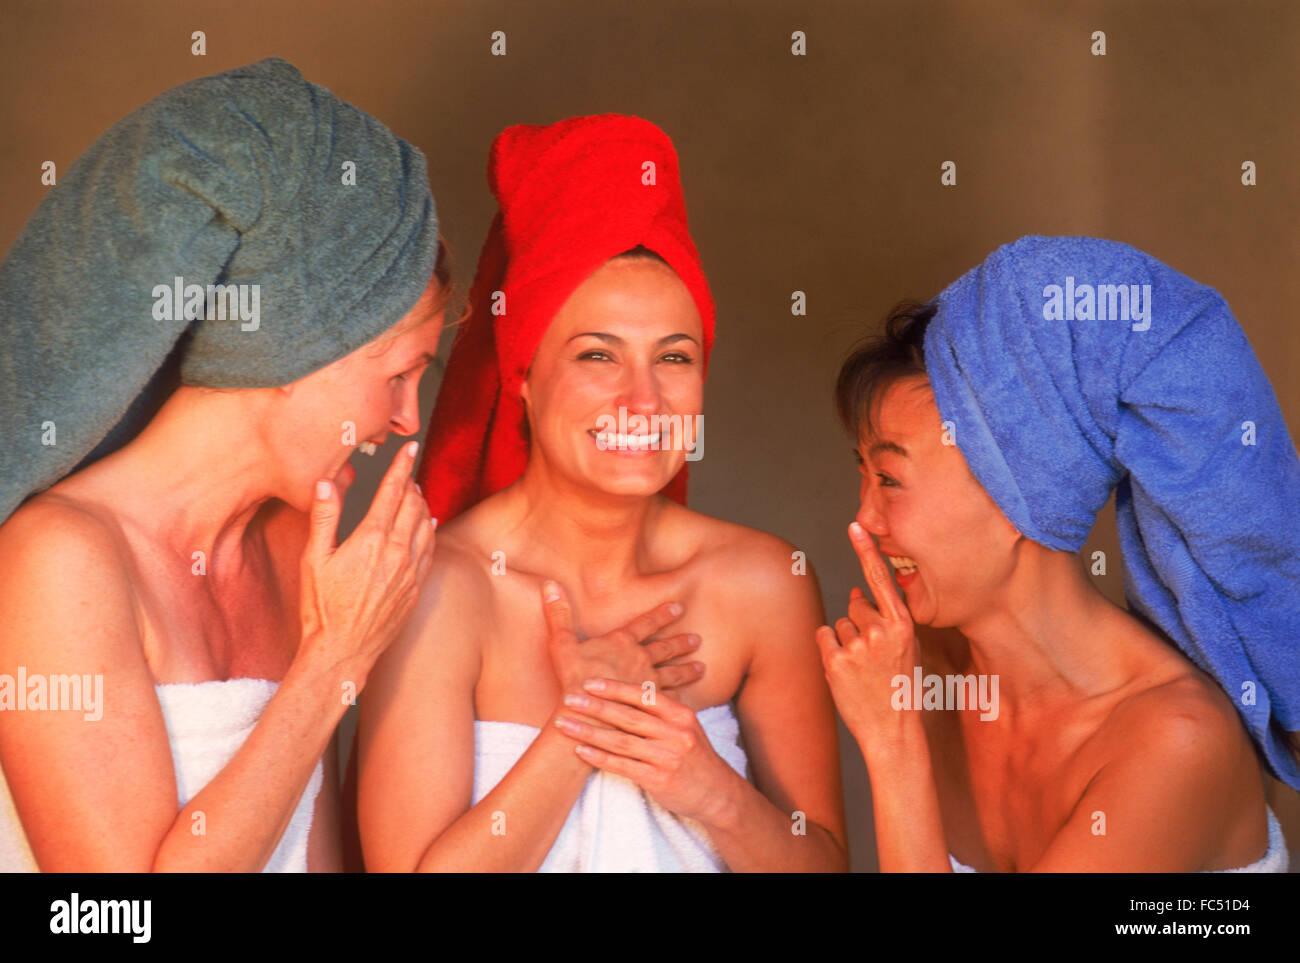 Tres mujeres de mezcla étnica con coloridas toallas de baño Compartir chismes y riendo Imagen De Stock